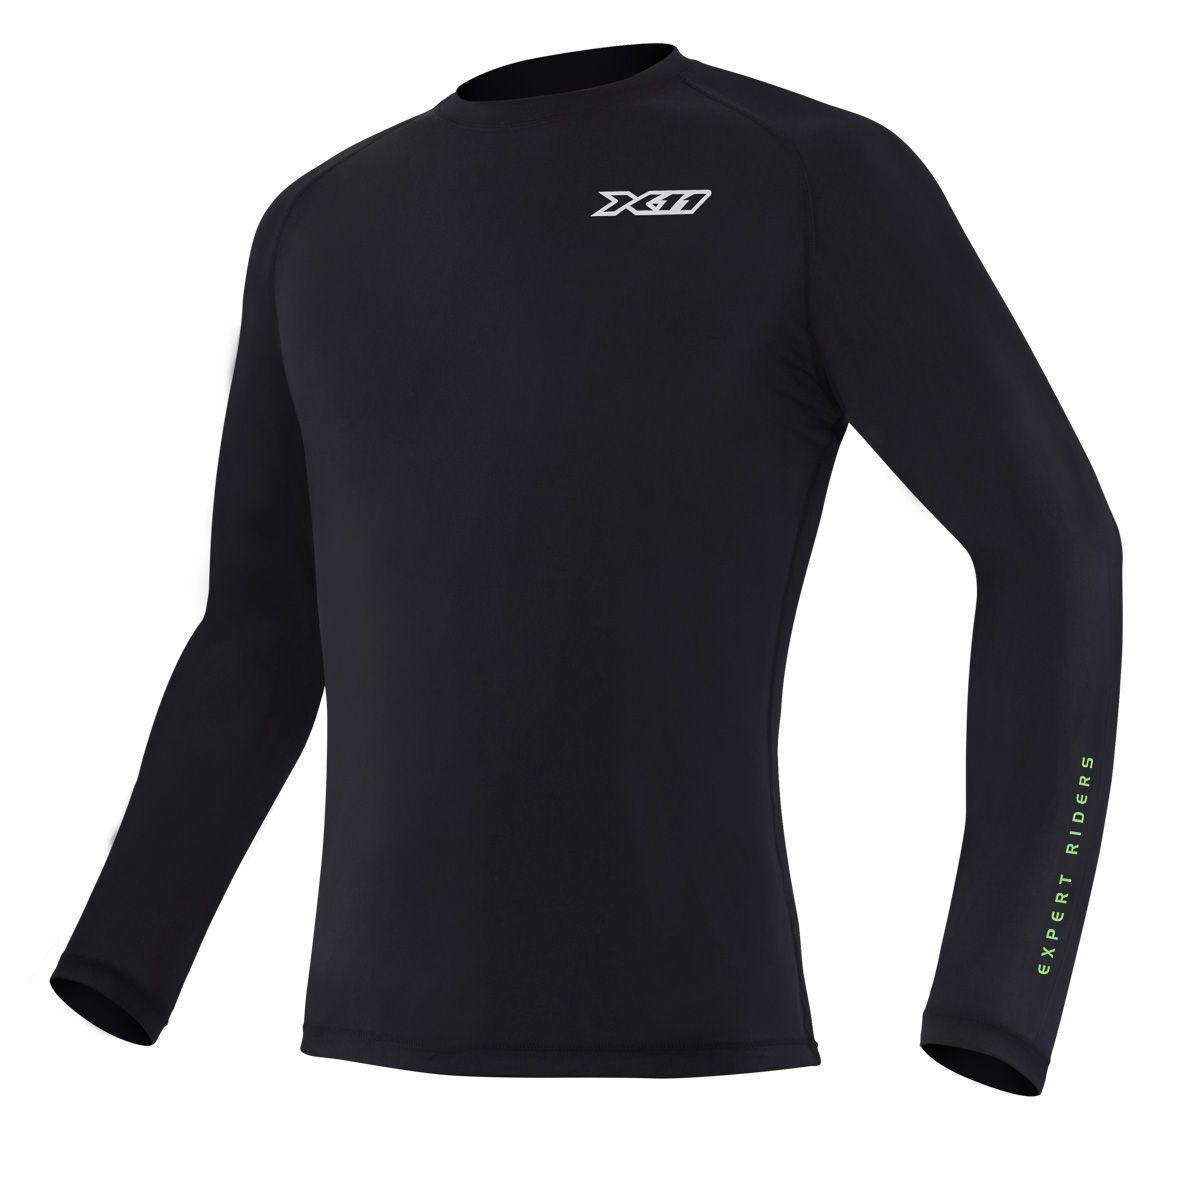 Camiseta Climate X11 Preta Segunda Pele Térmica Motoqueiro Motociclista Ciclista Natação Treino Corrida  - EPM Acessórios